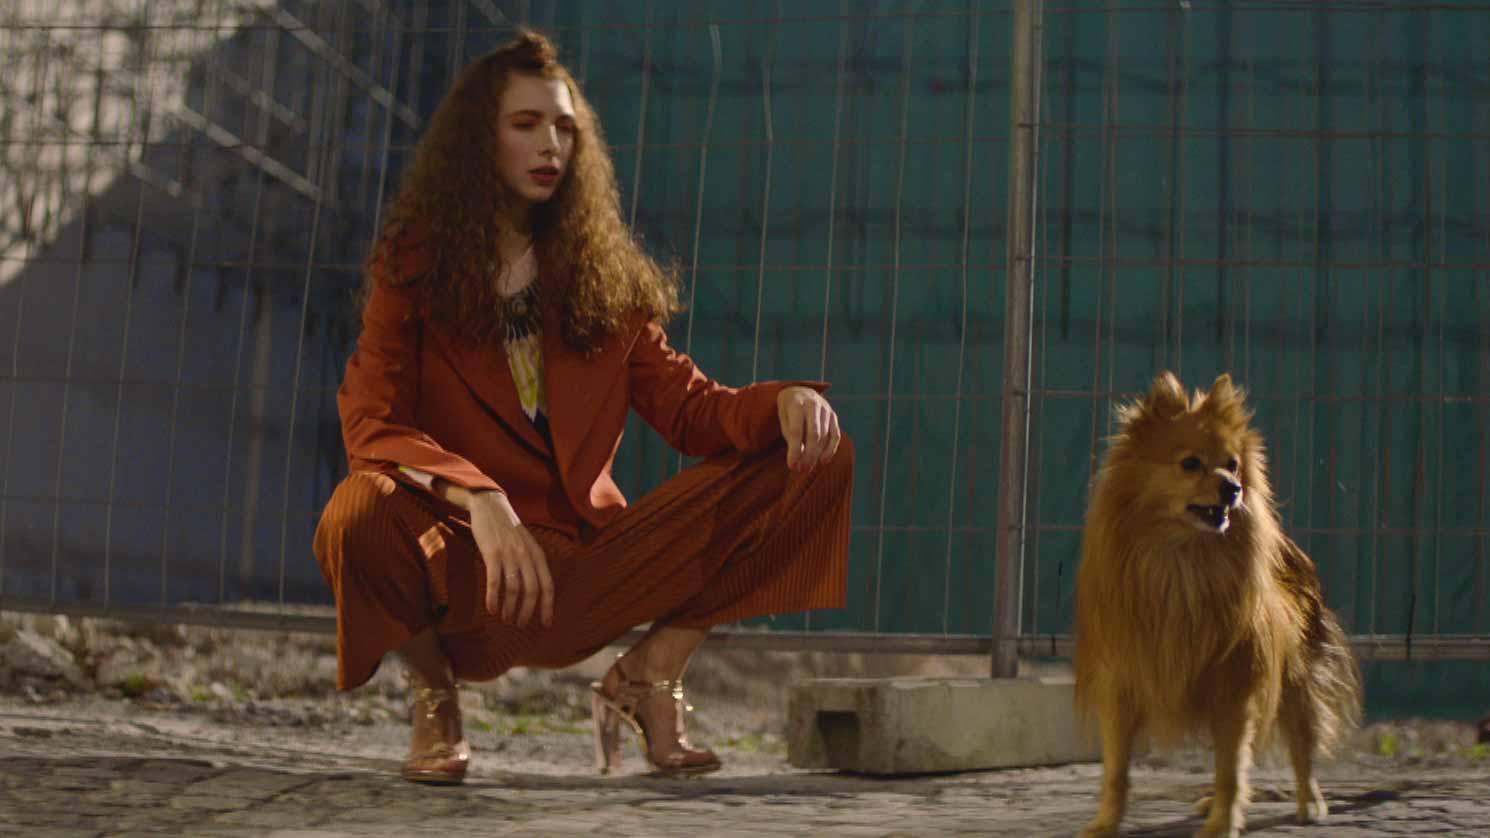 Pursuition - Ein Fashionfilm